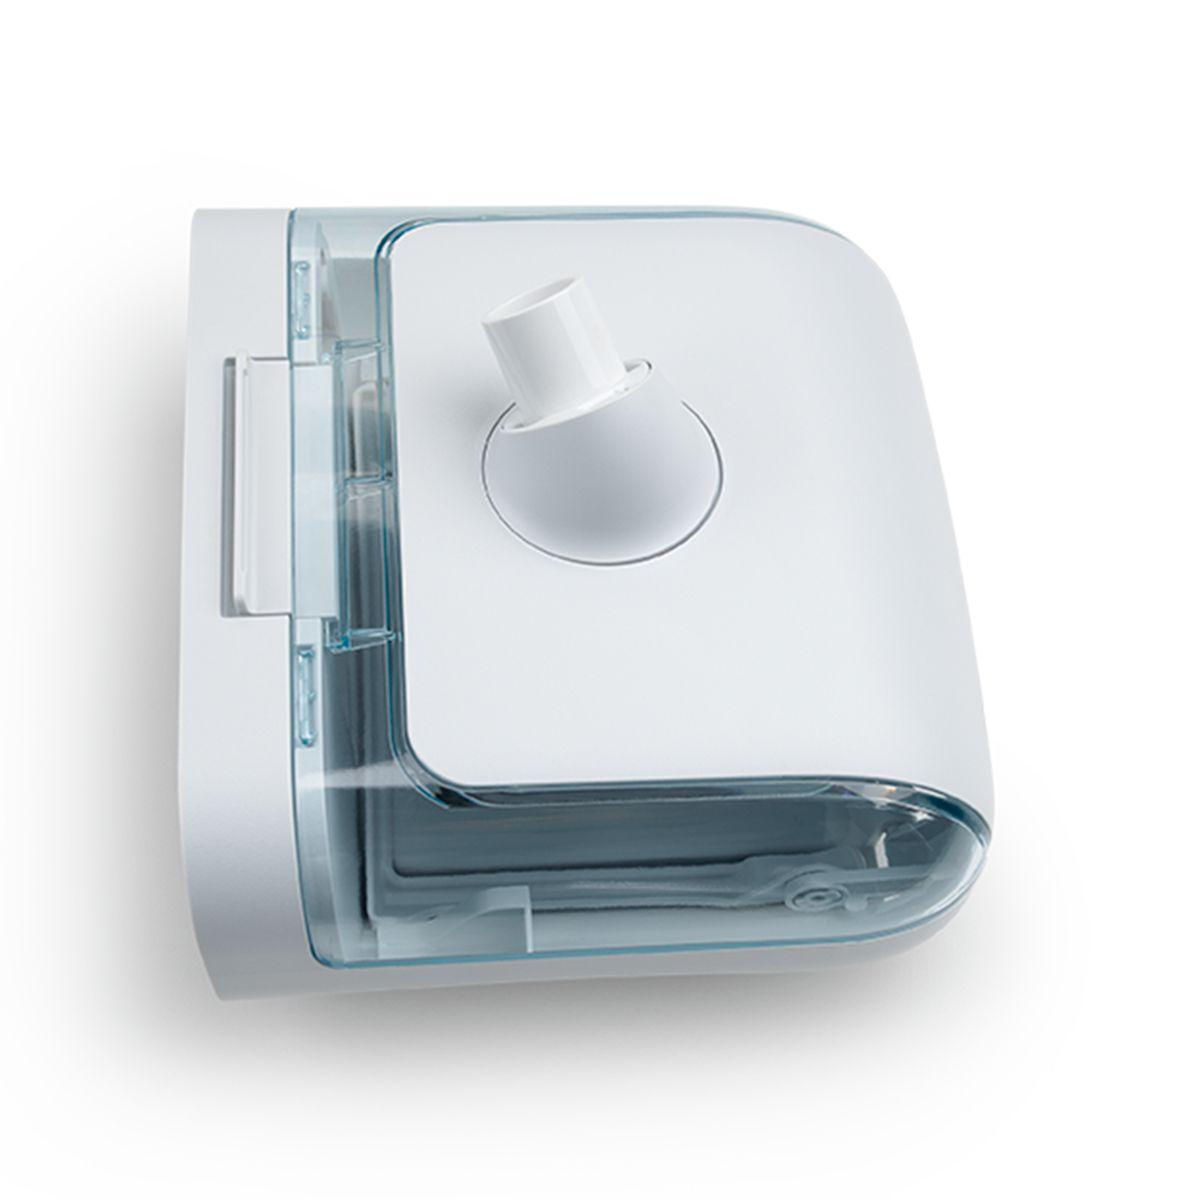 Kit CPAP Automático DreamStation + Umidificador + Máscara Amara Silicone